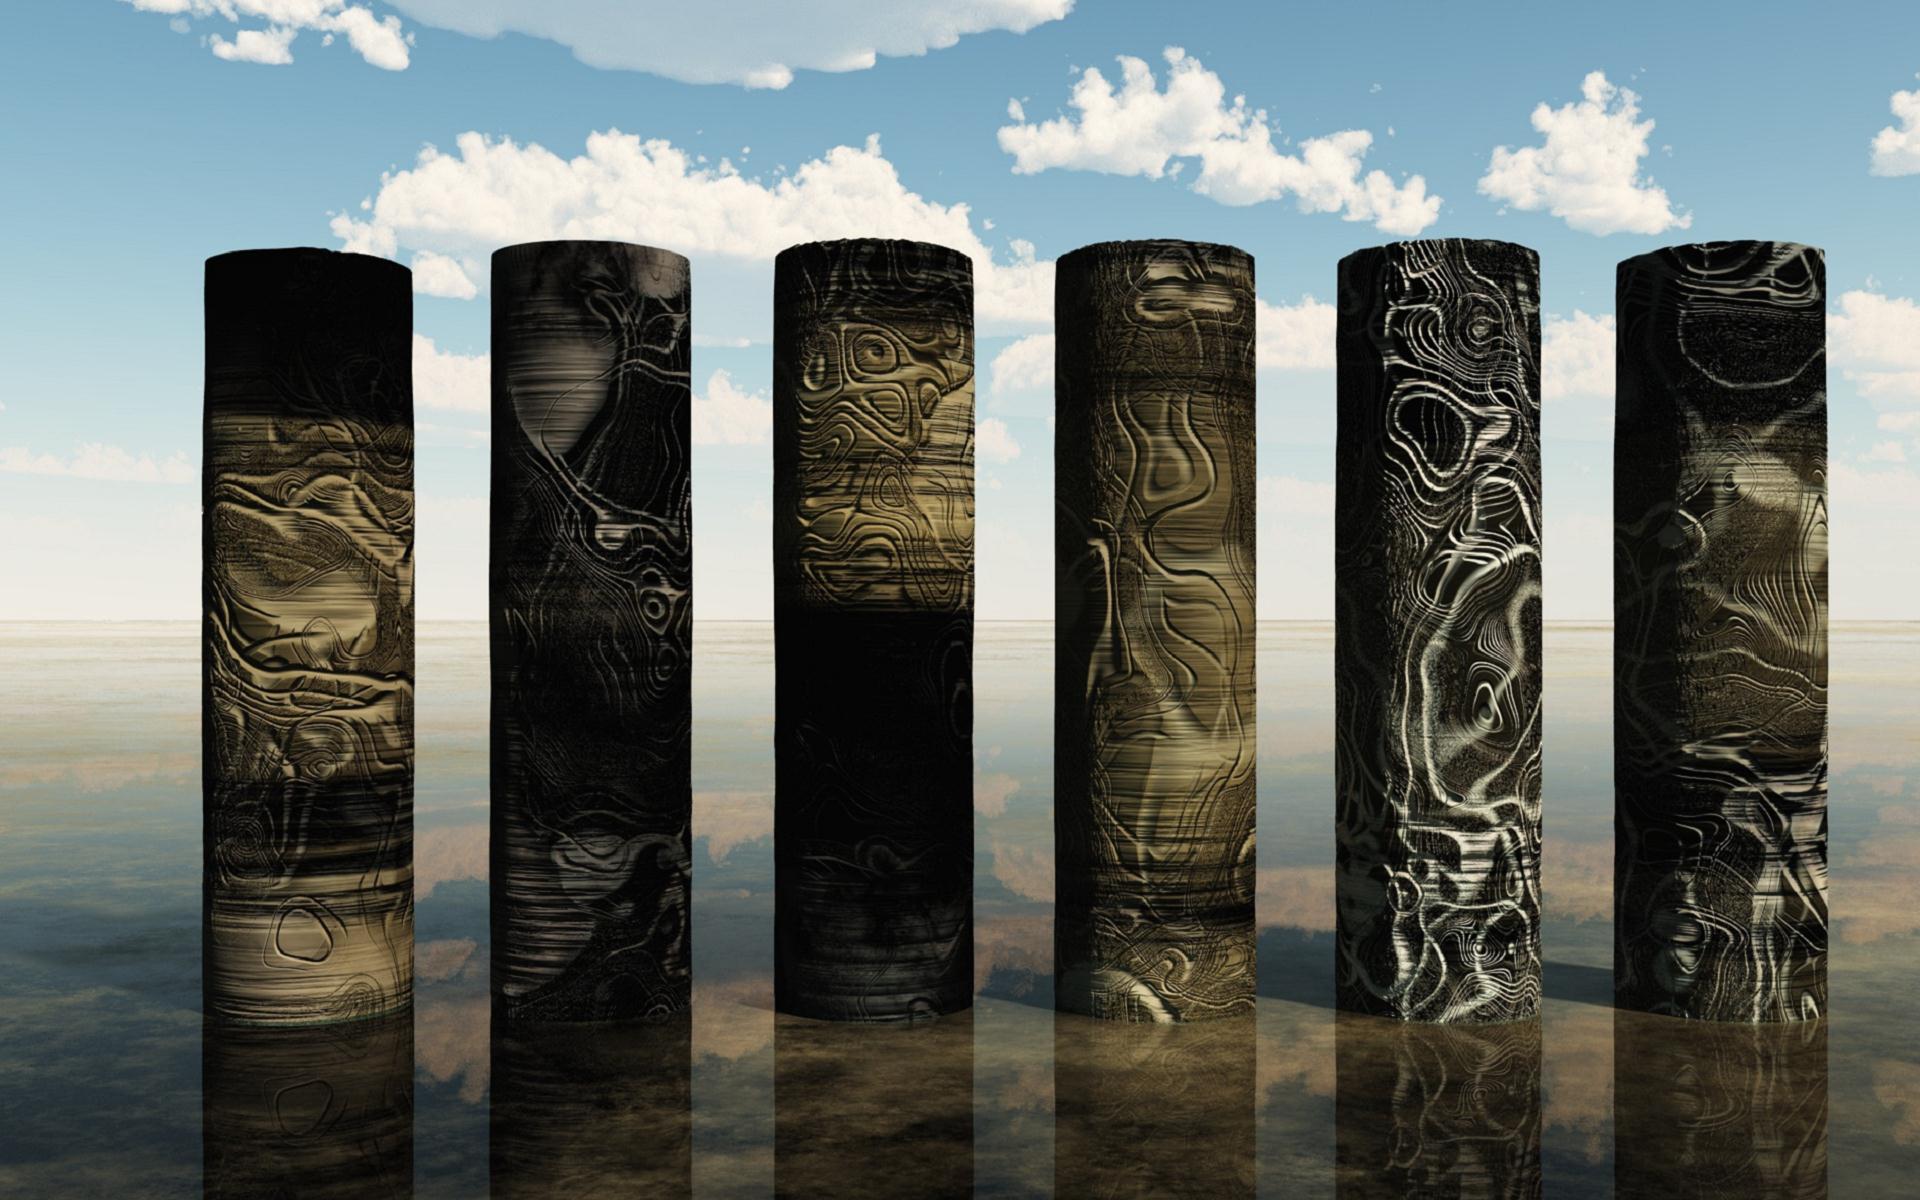 Alien Pillars